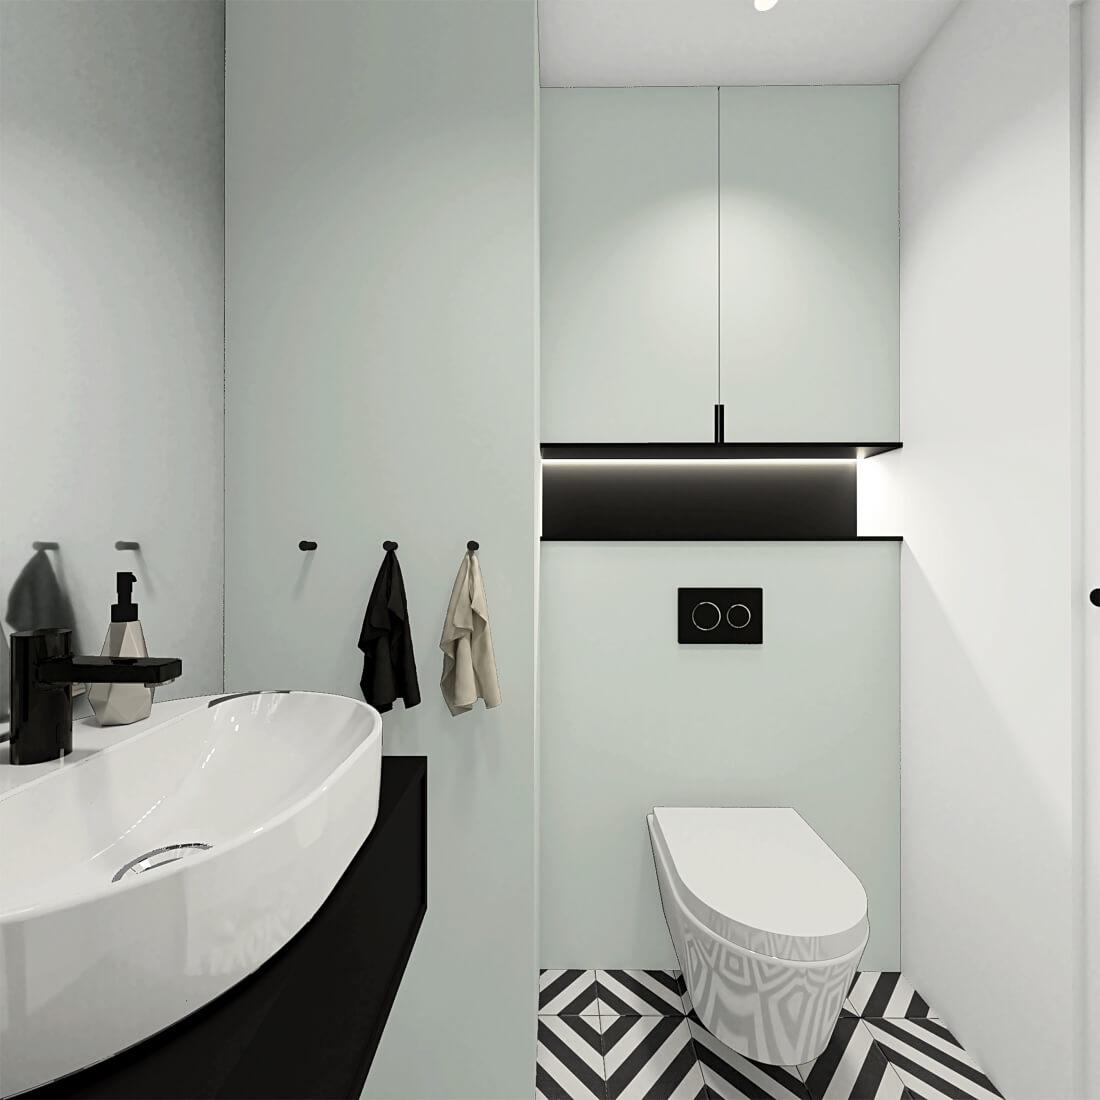 Łazienka z czano-białymi kaflami